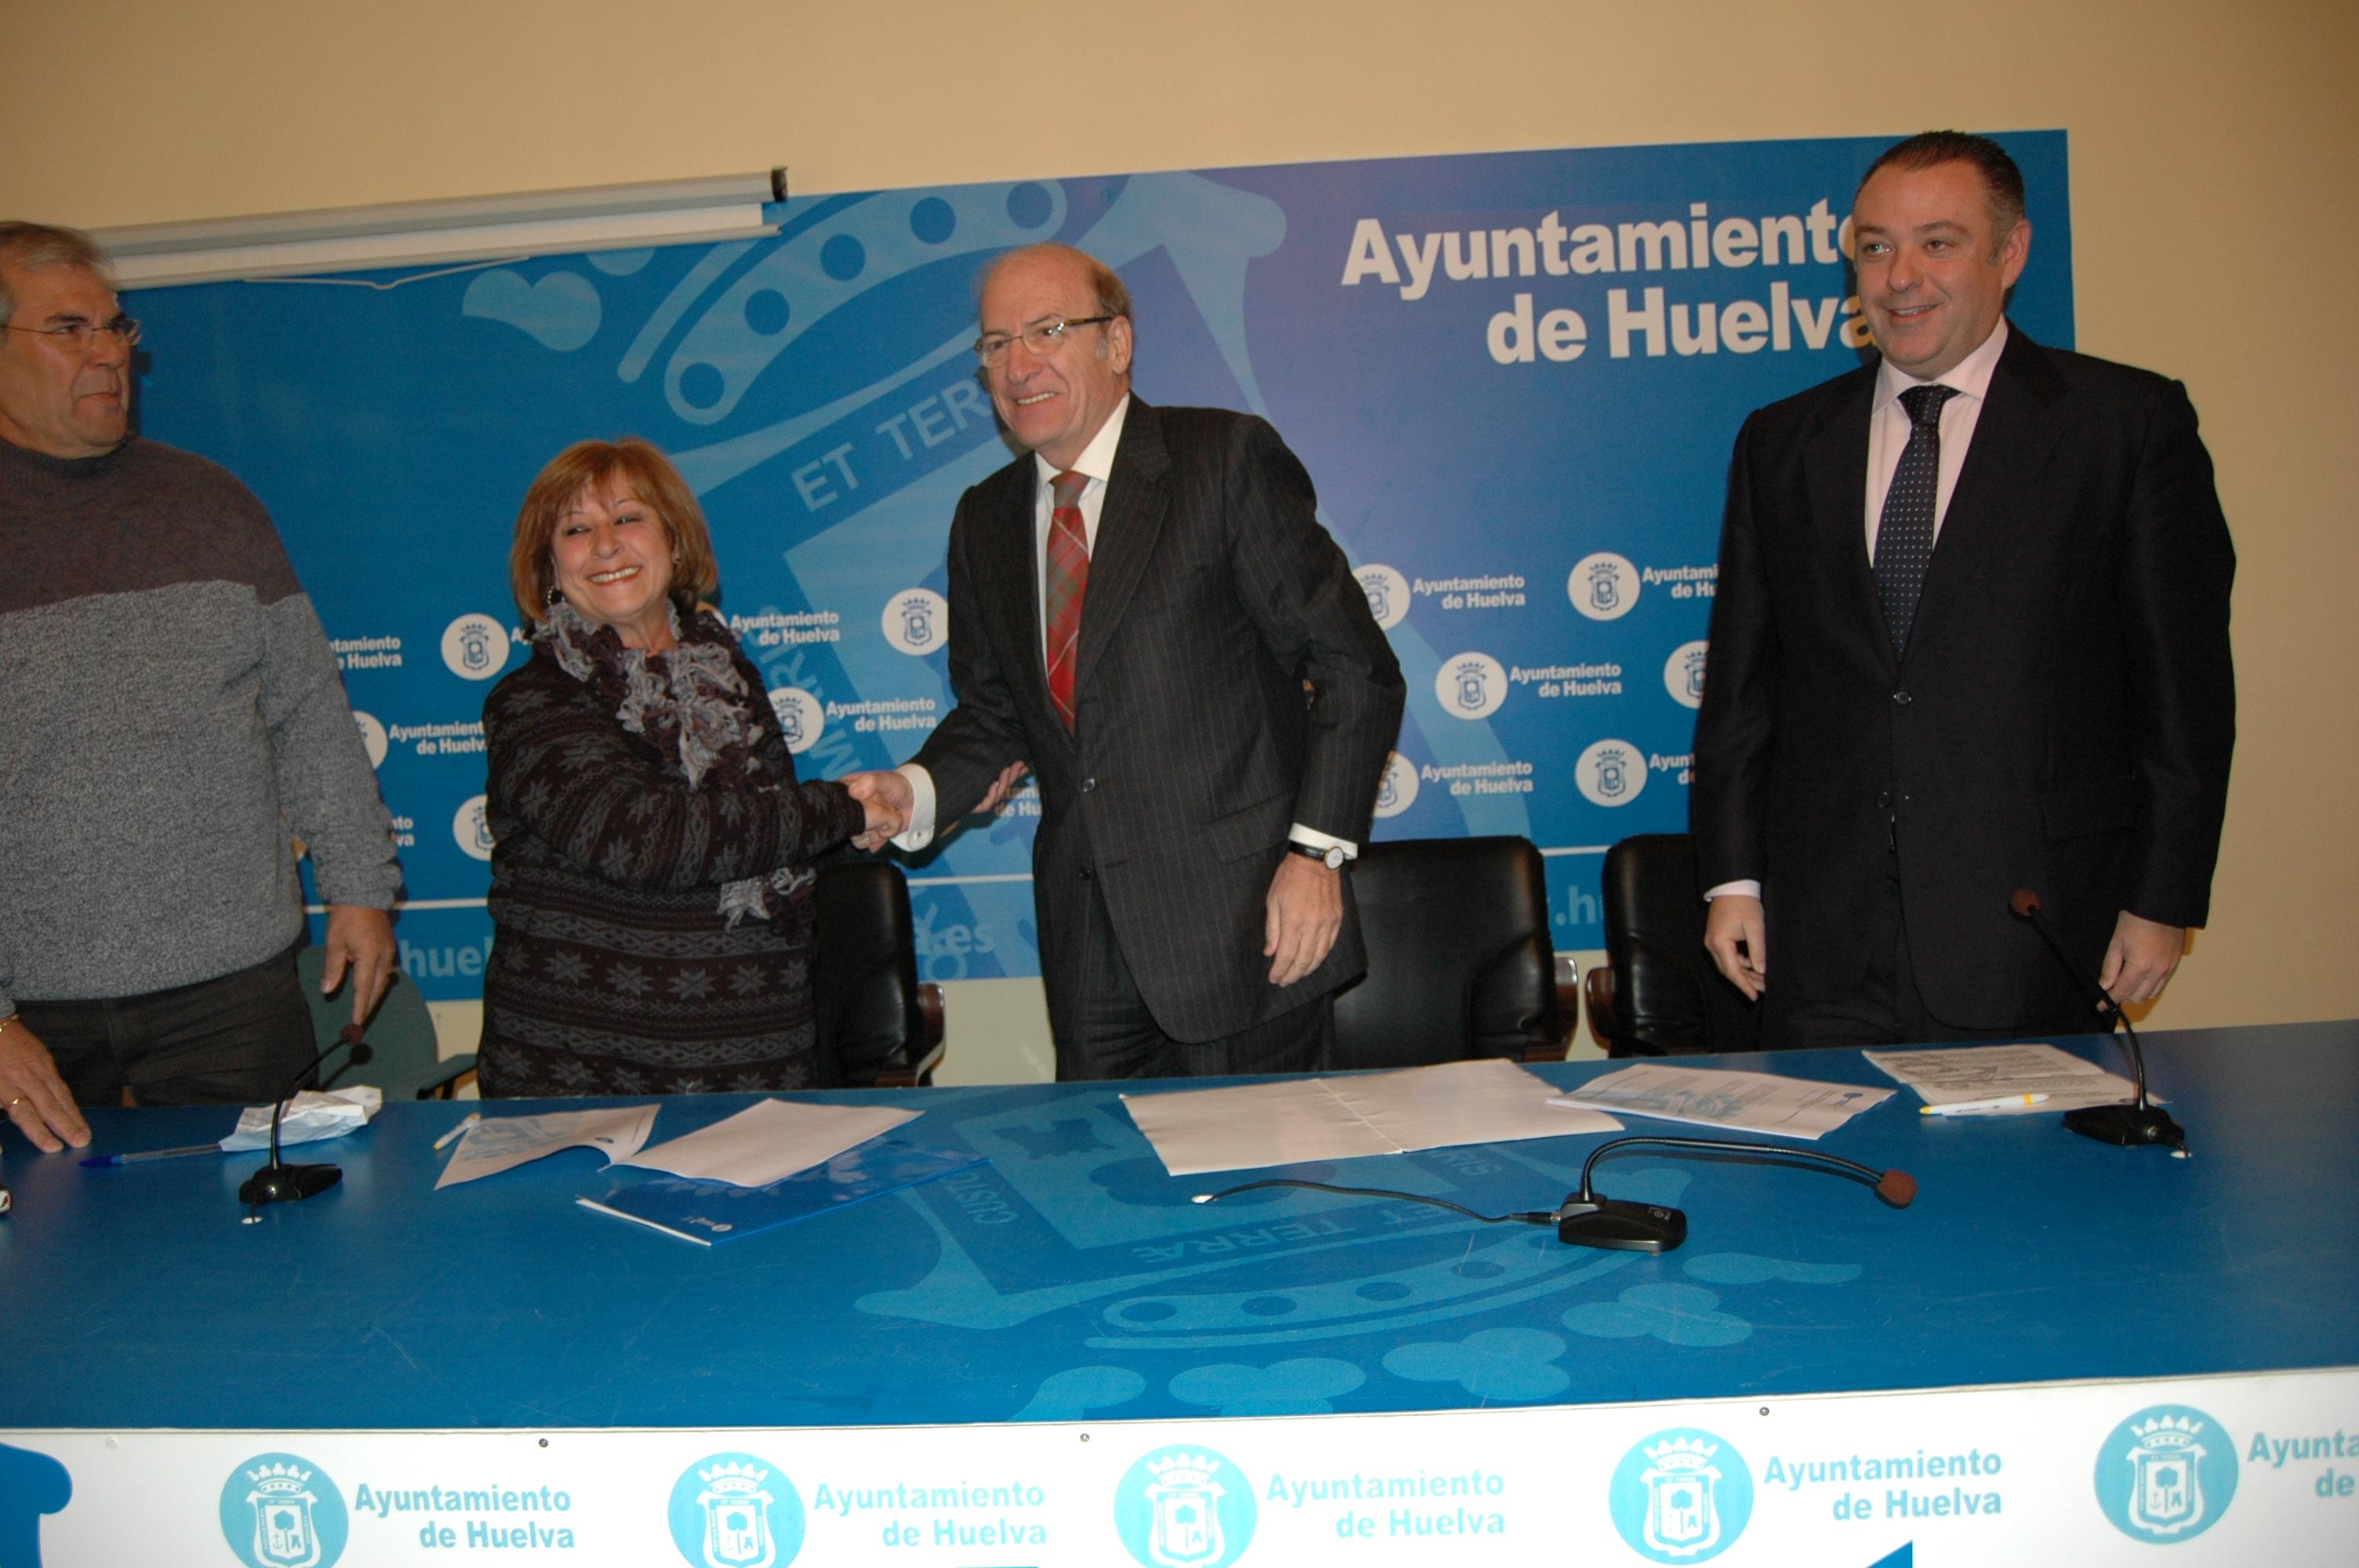 Momento de la firma del convenio entre el Ayuntamiento de Huelva y la Mancomunidad de Propietarios Urbanización Santa Marta